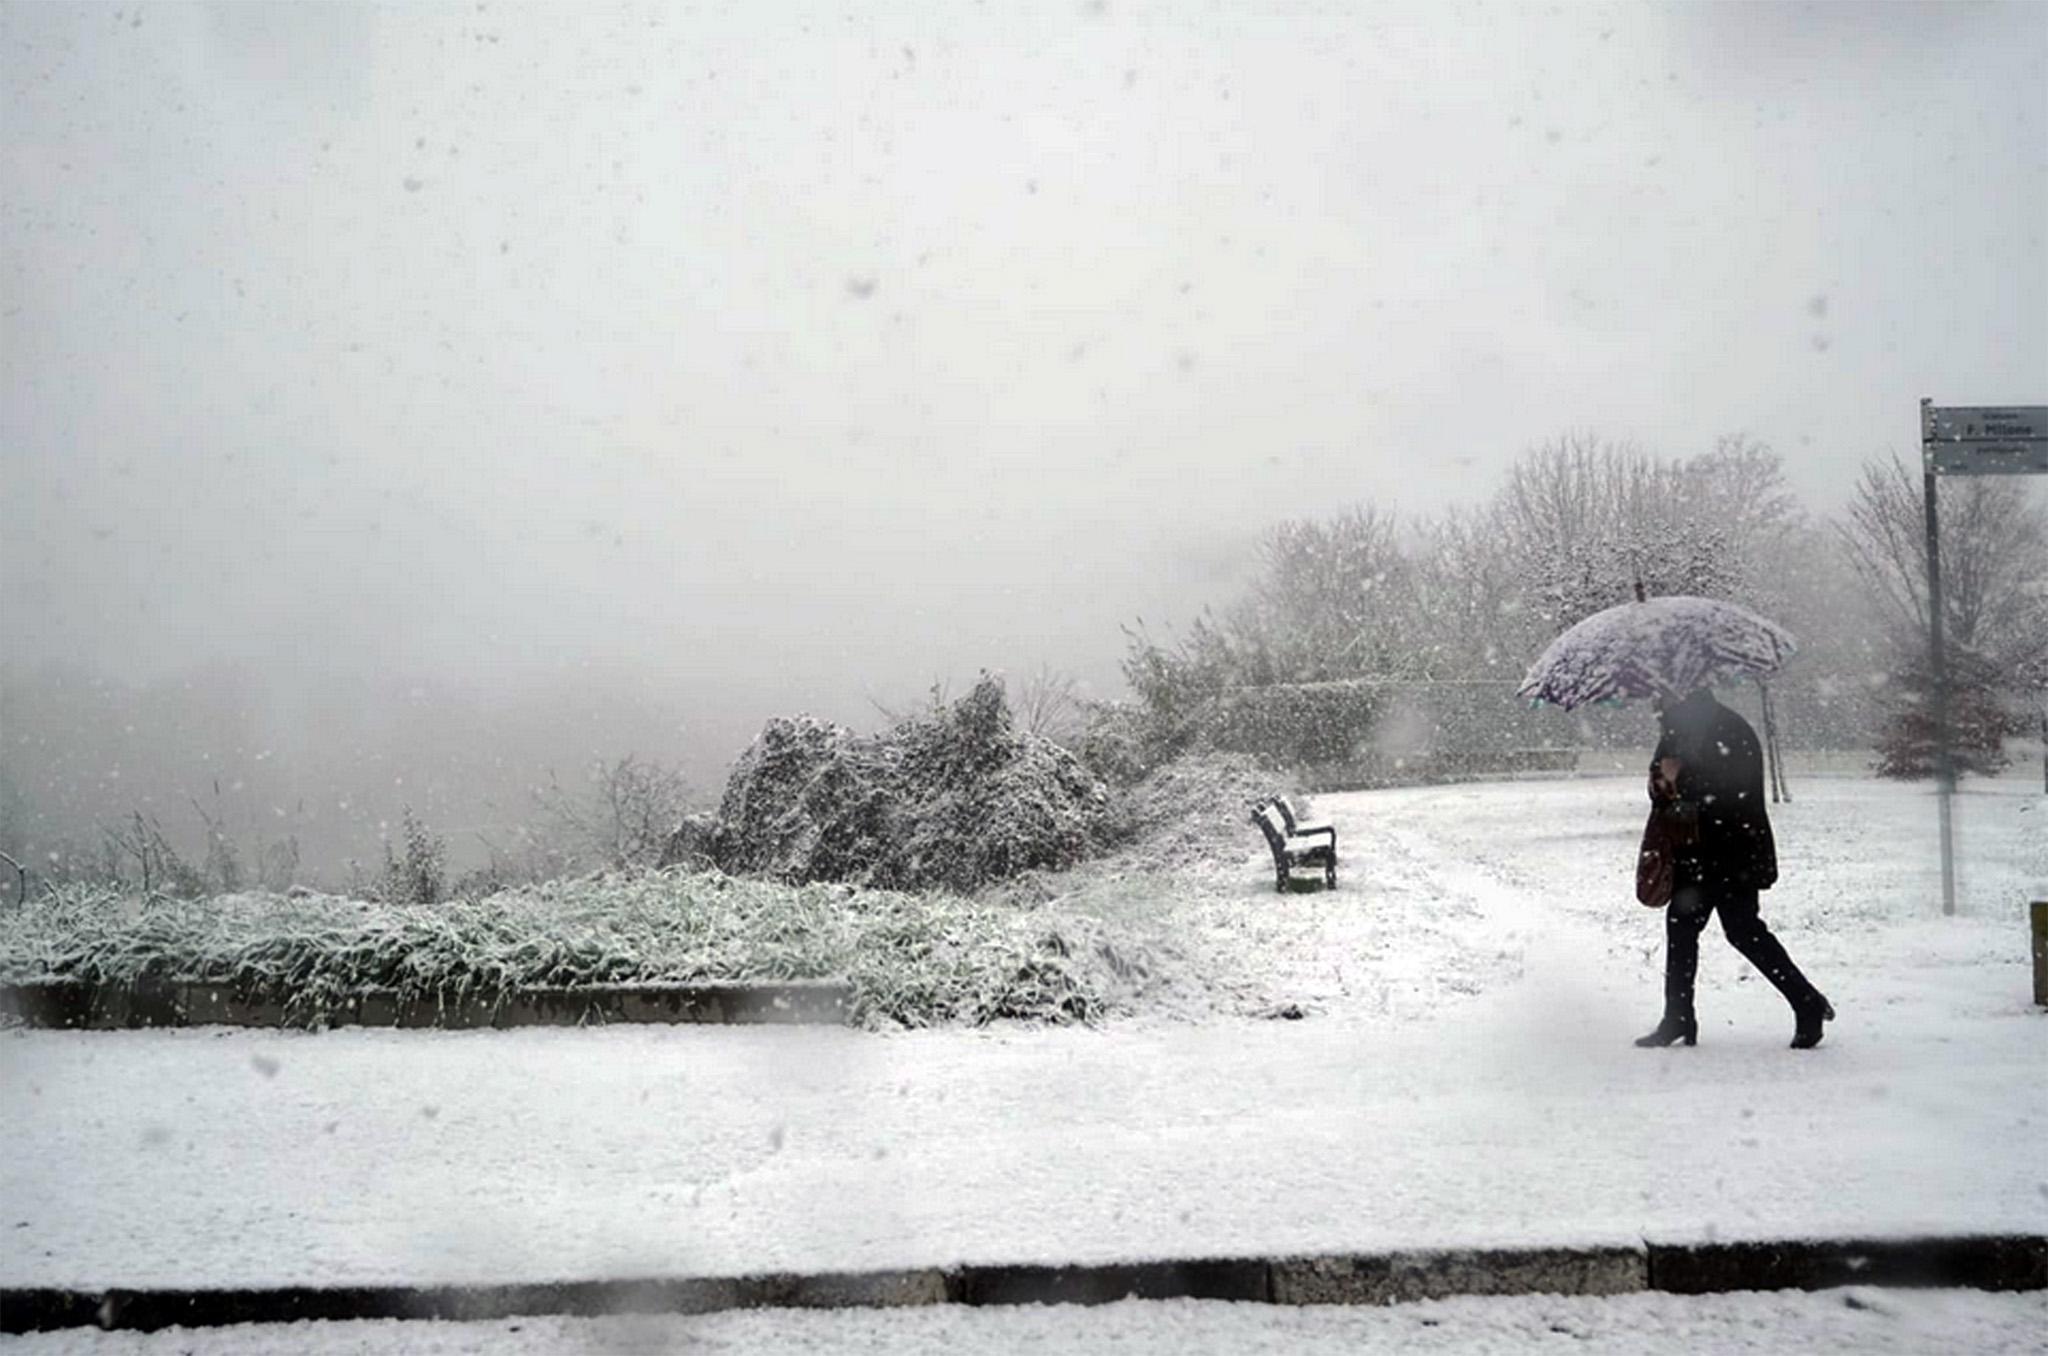 Italia investita da un'ondata di maltempo. La neve arriva in Piemonte, primi fiocchi della stagione su Torino